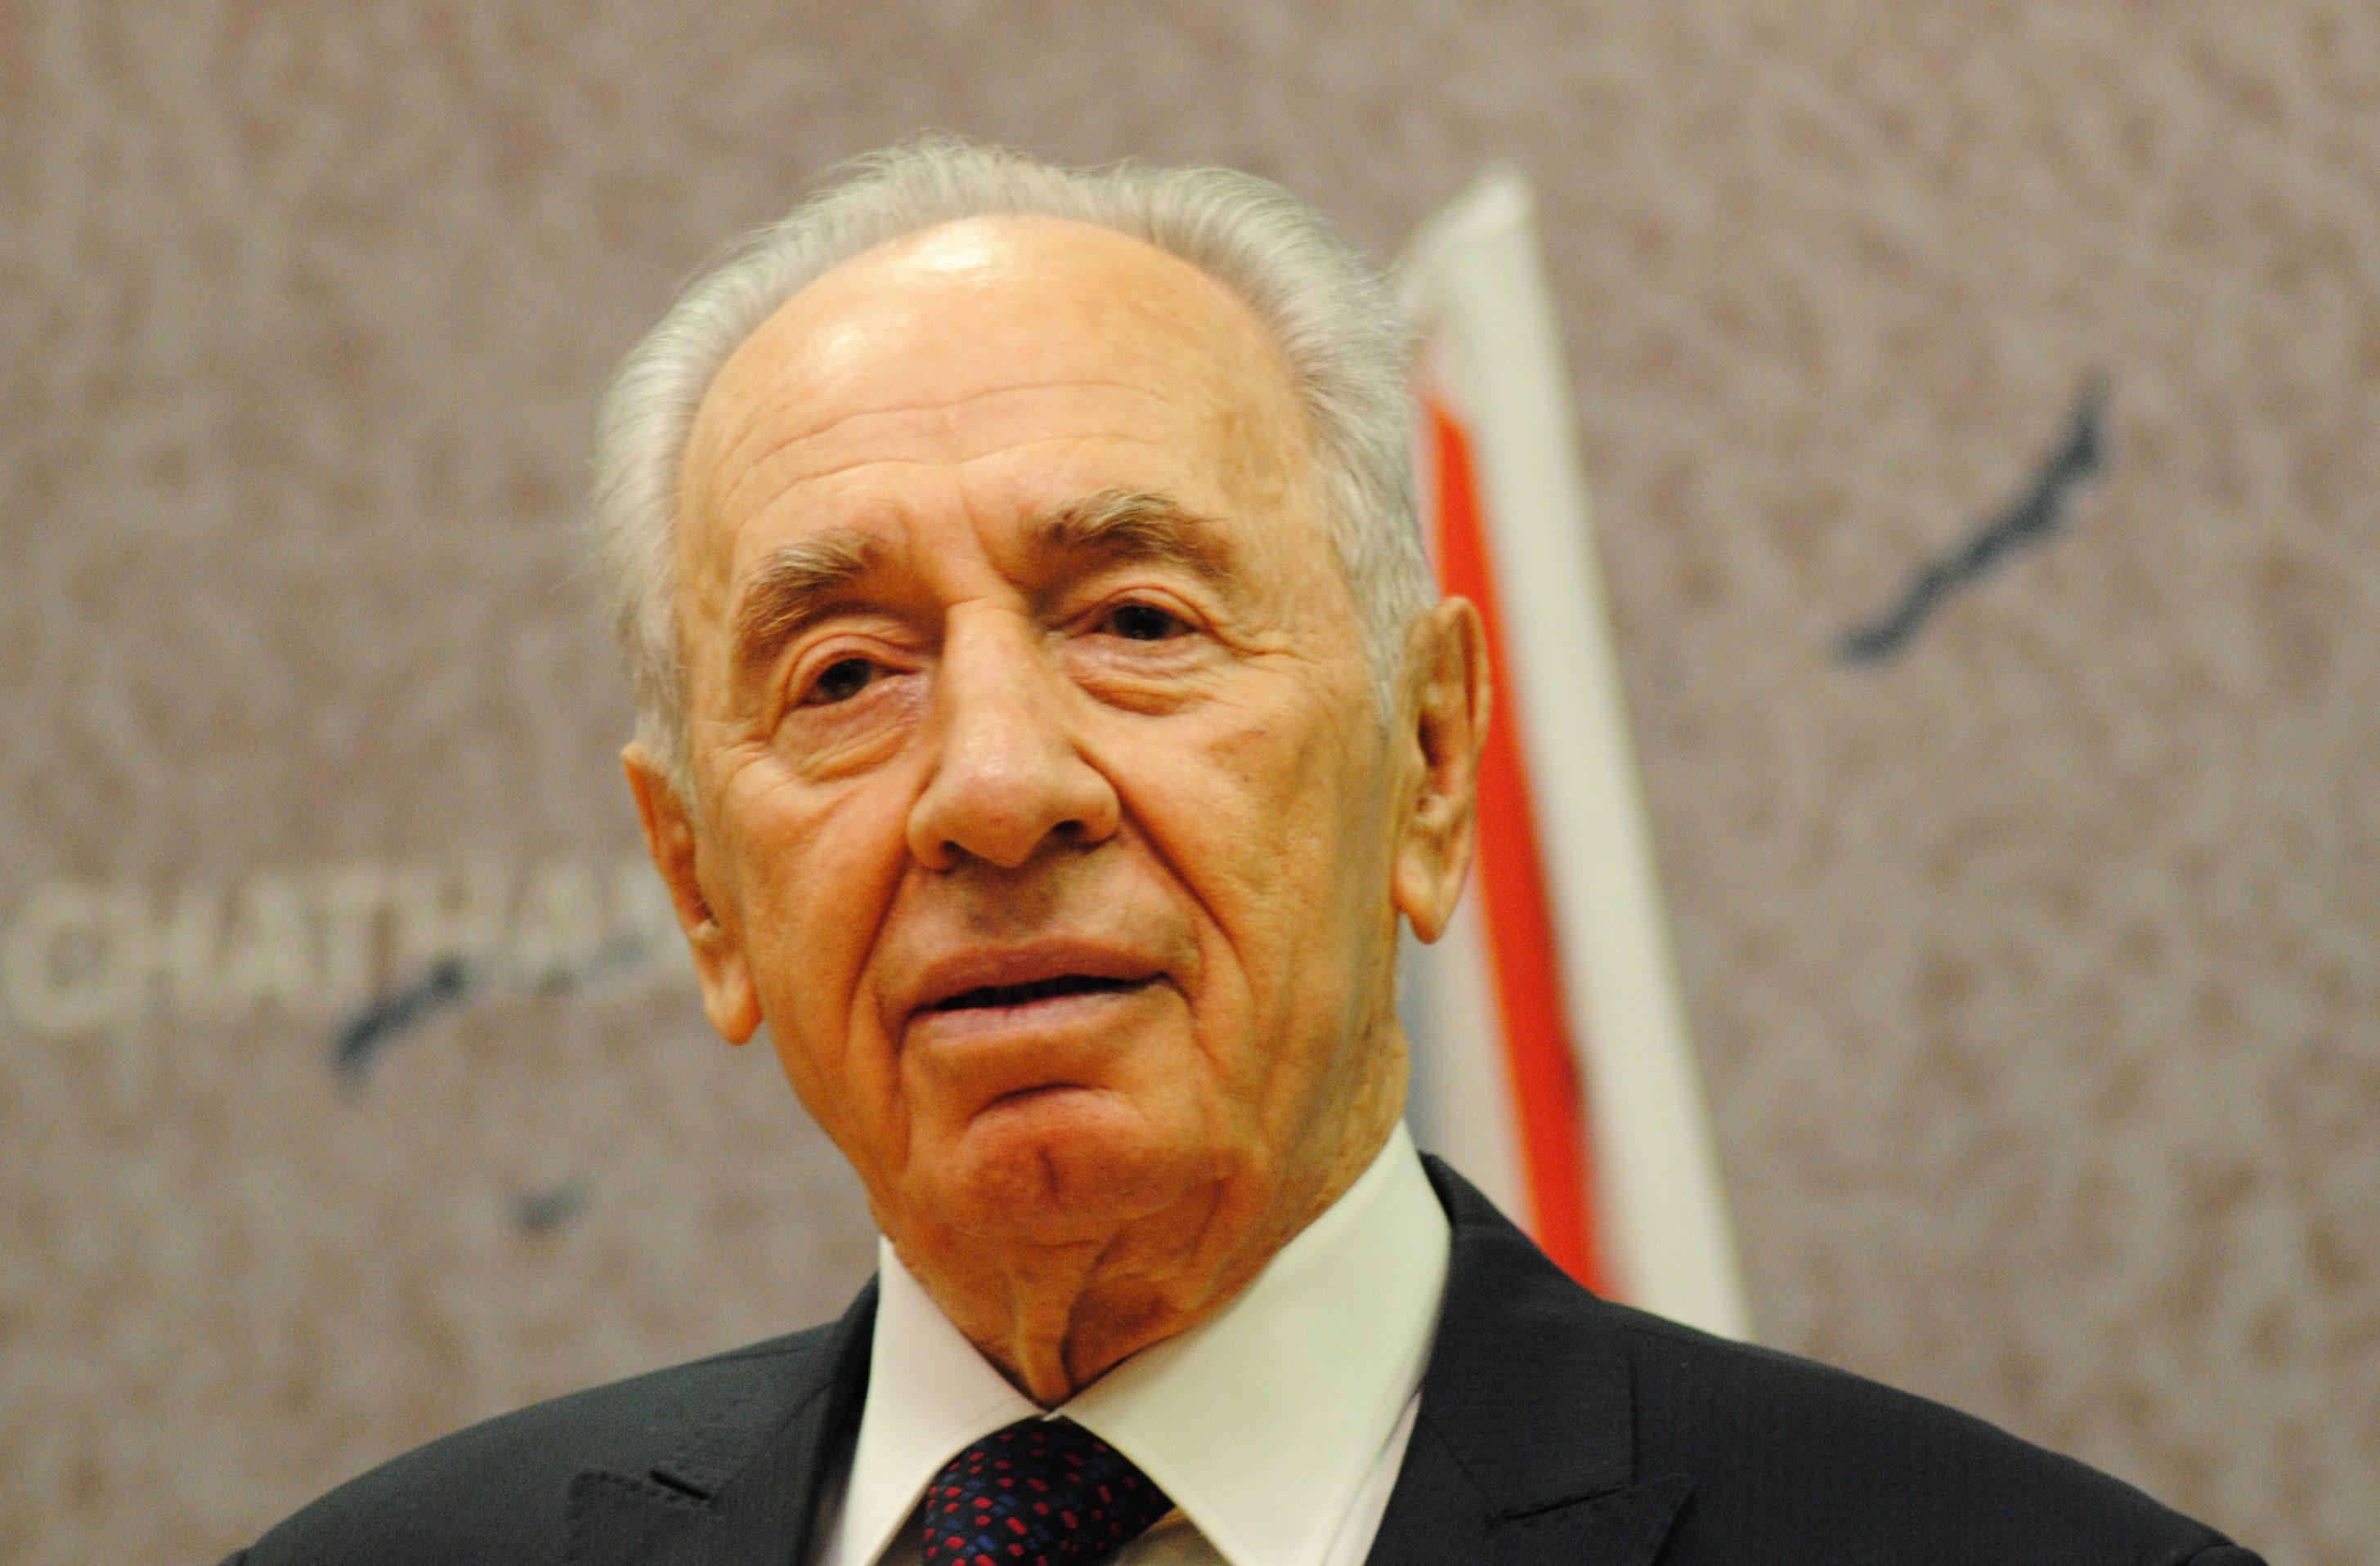 Simon Peresz állapota válságosra fordult